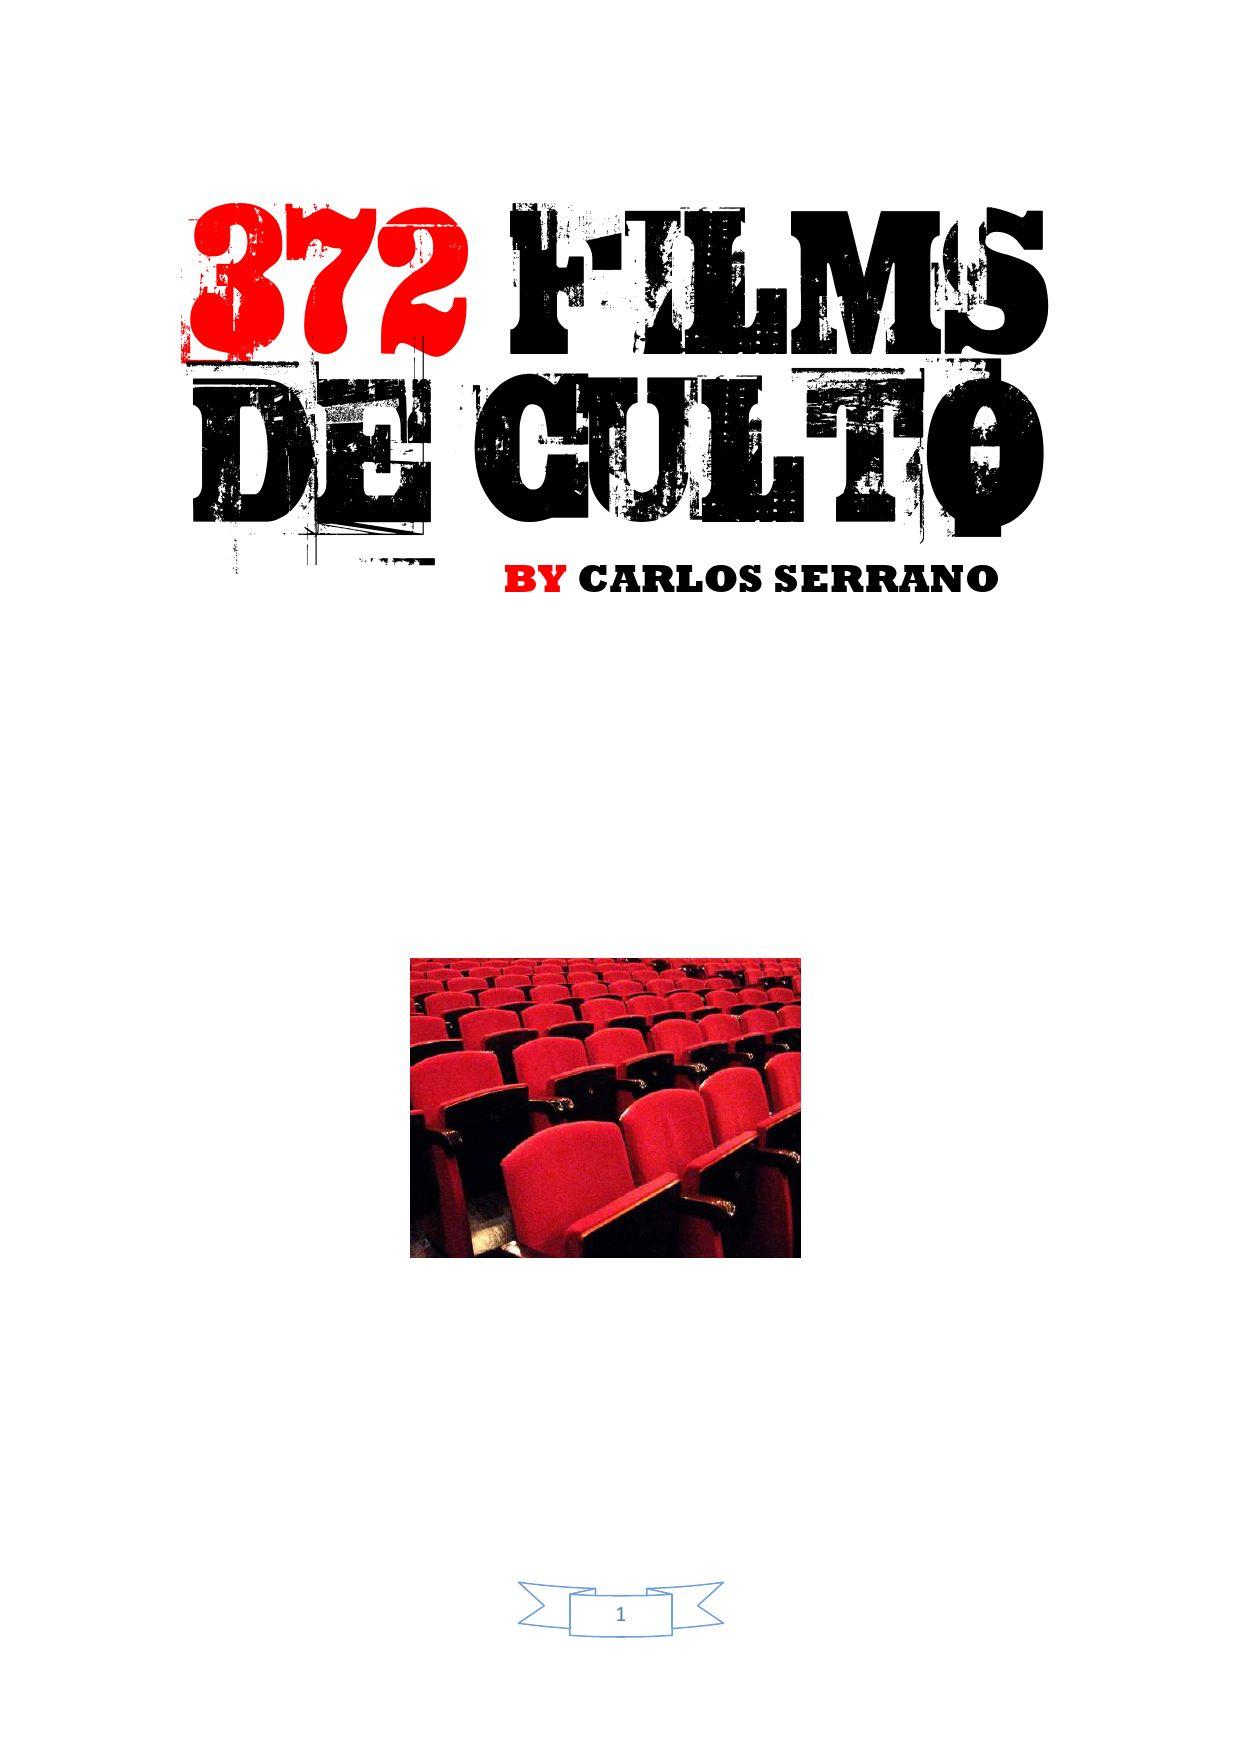 Candela X Y Estudiante Porno 372 films de cultojose nv - issuu